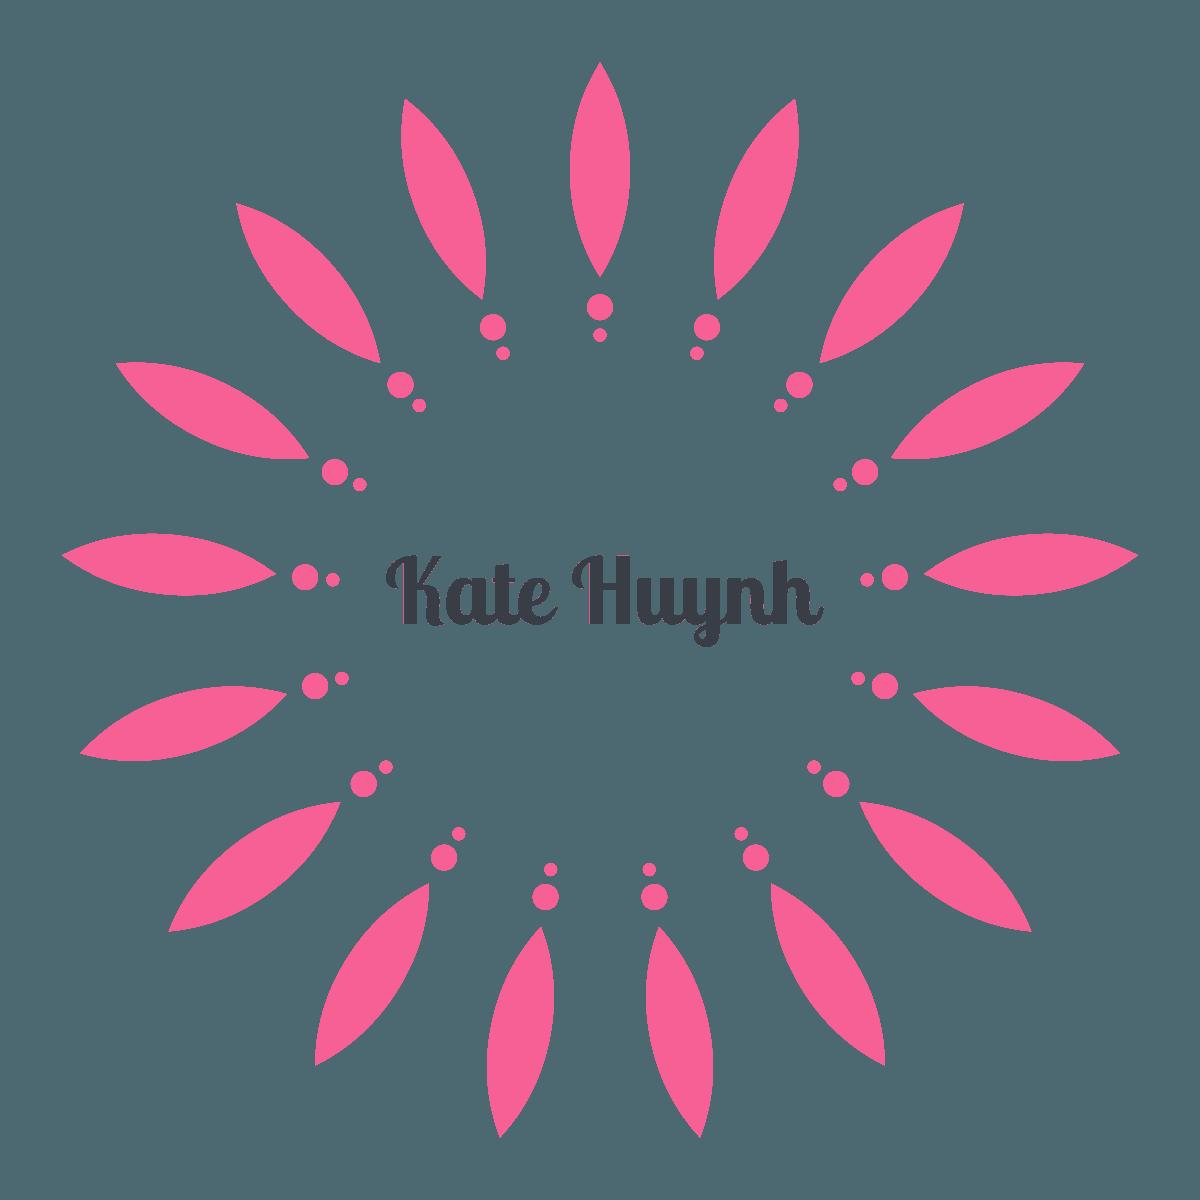 Kate Huynh